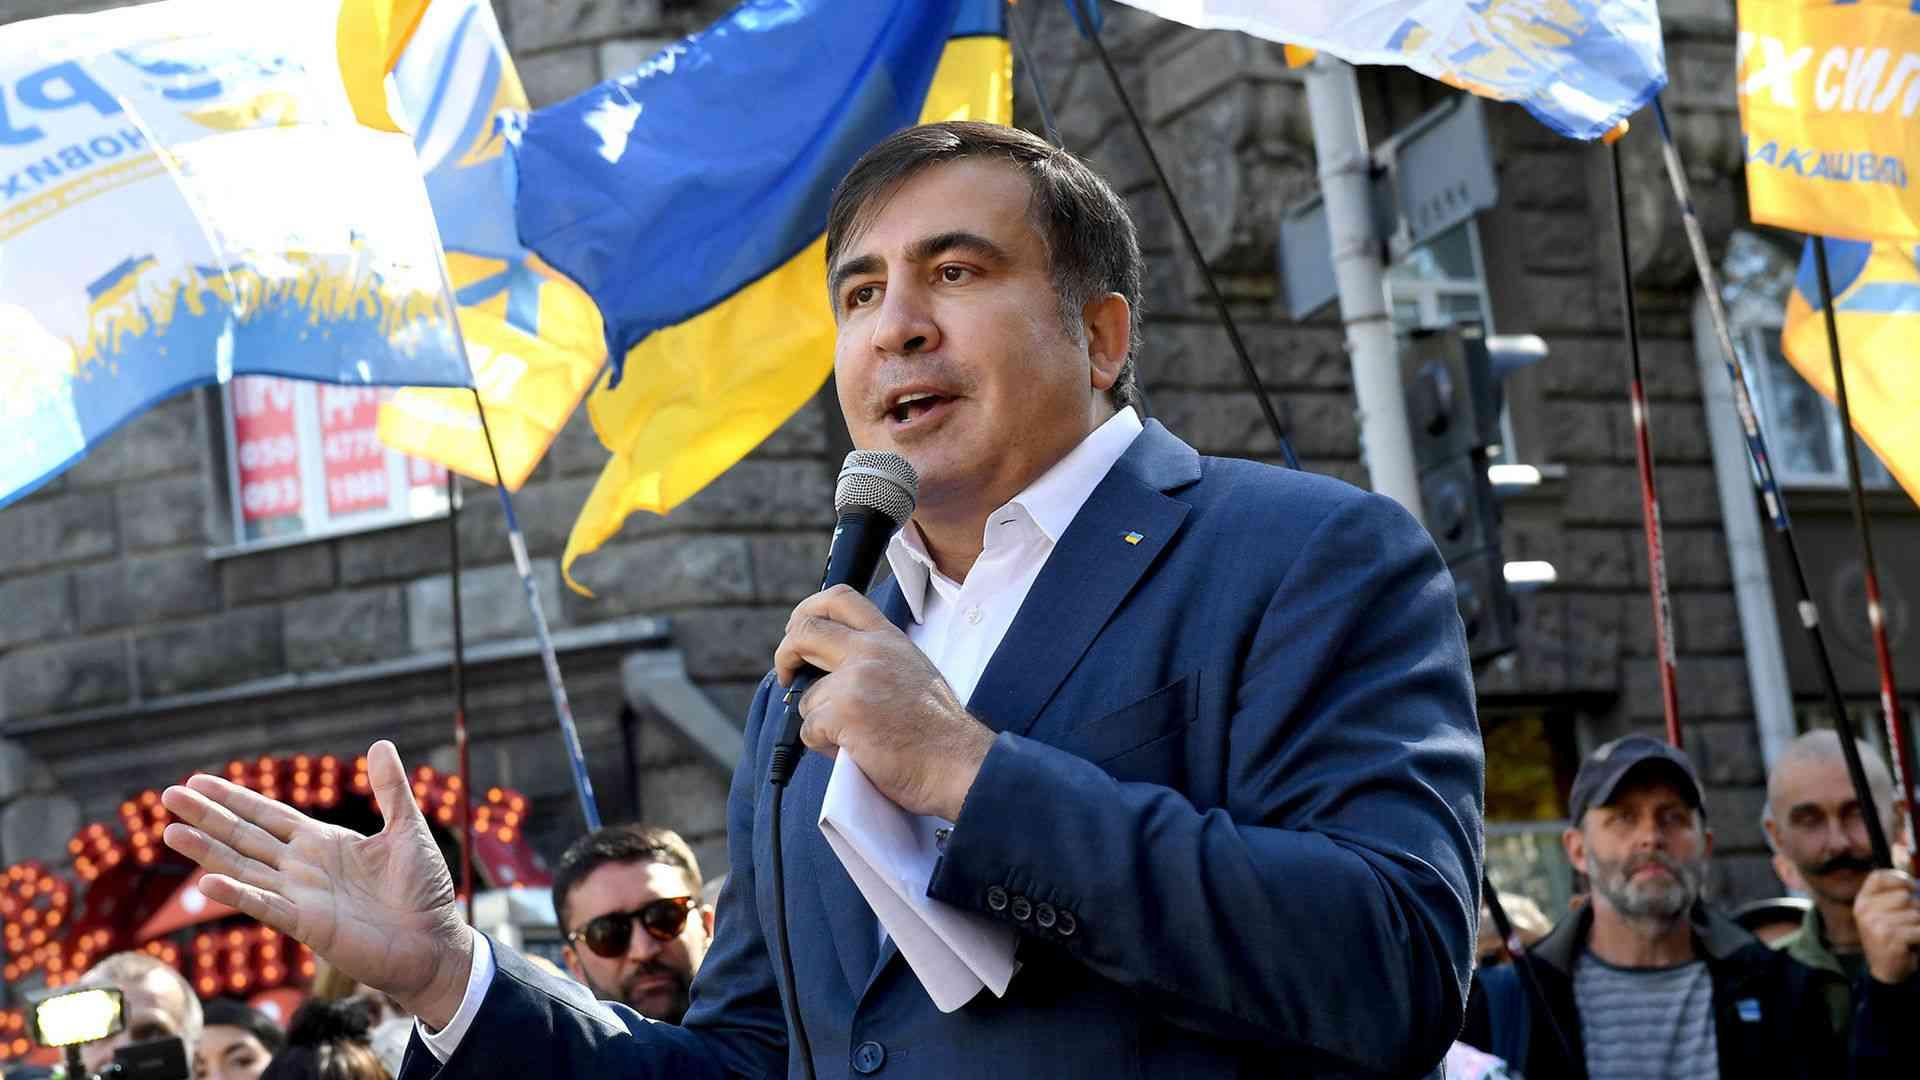 начало Американское гражданство саакашвили сегодня миг показалось